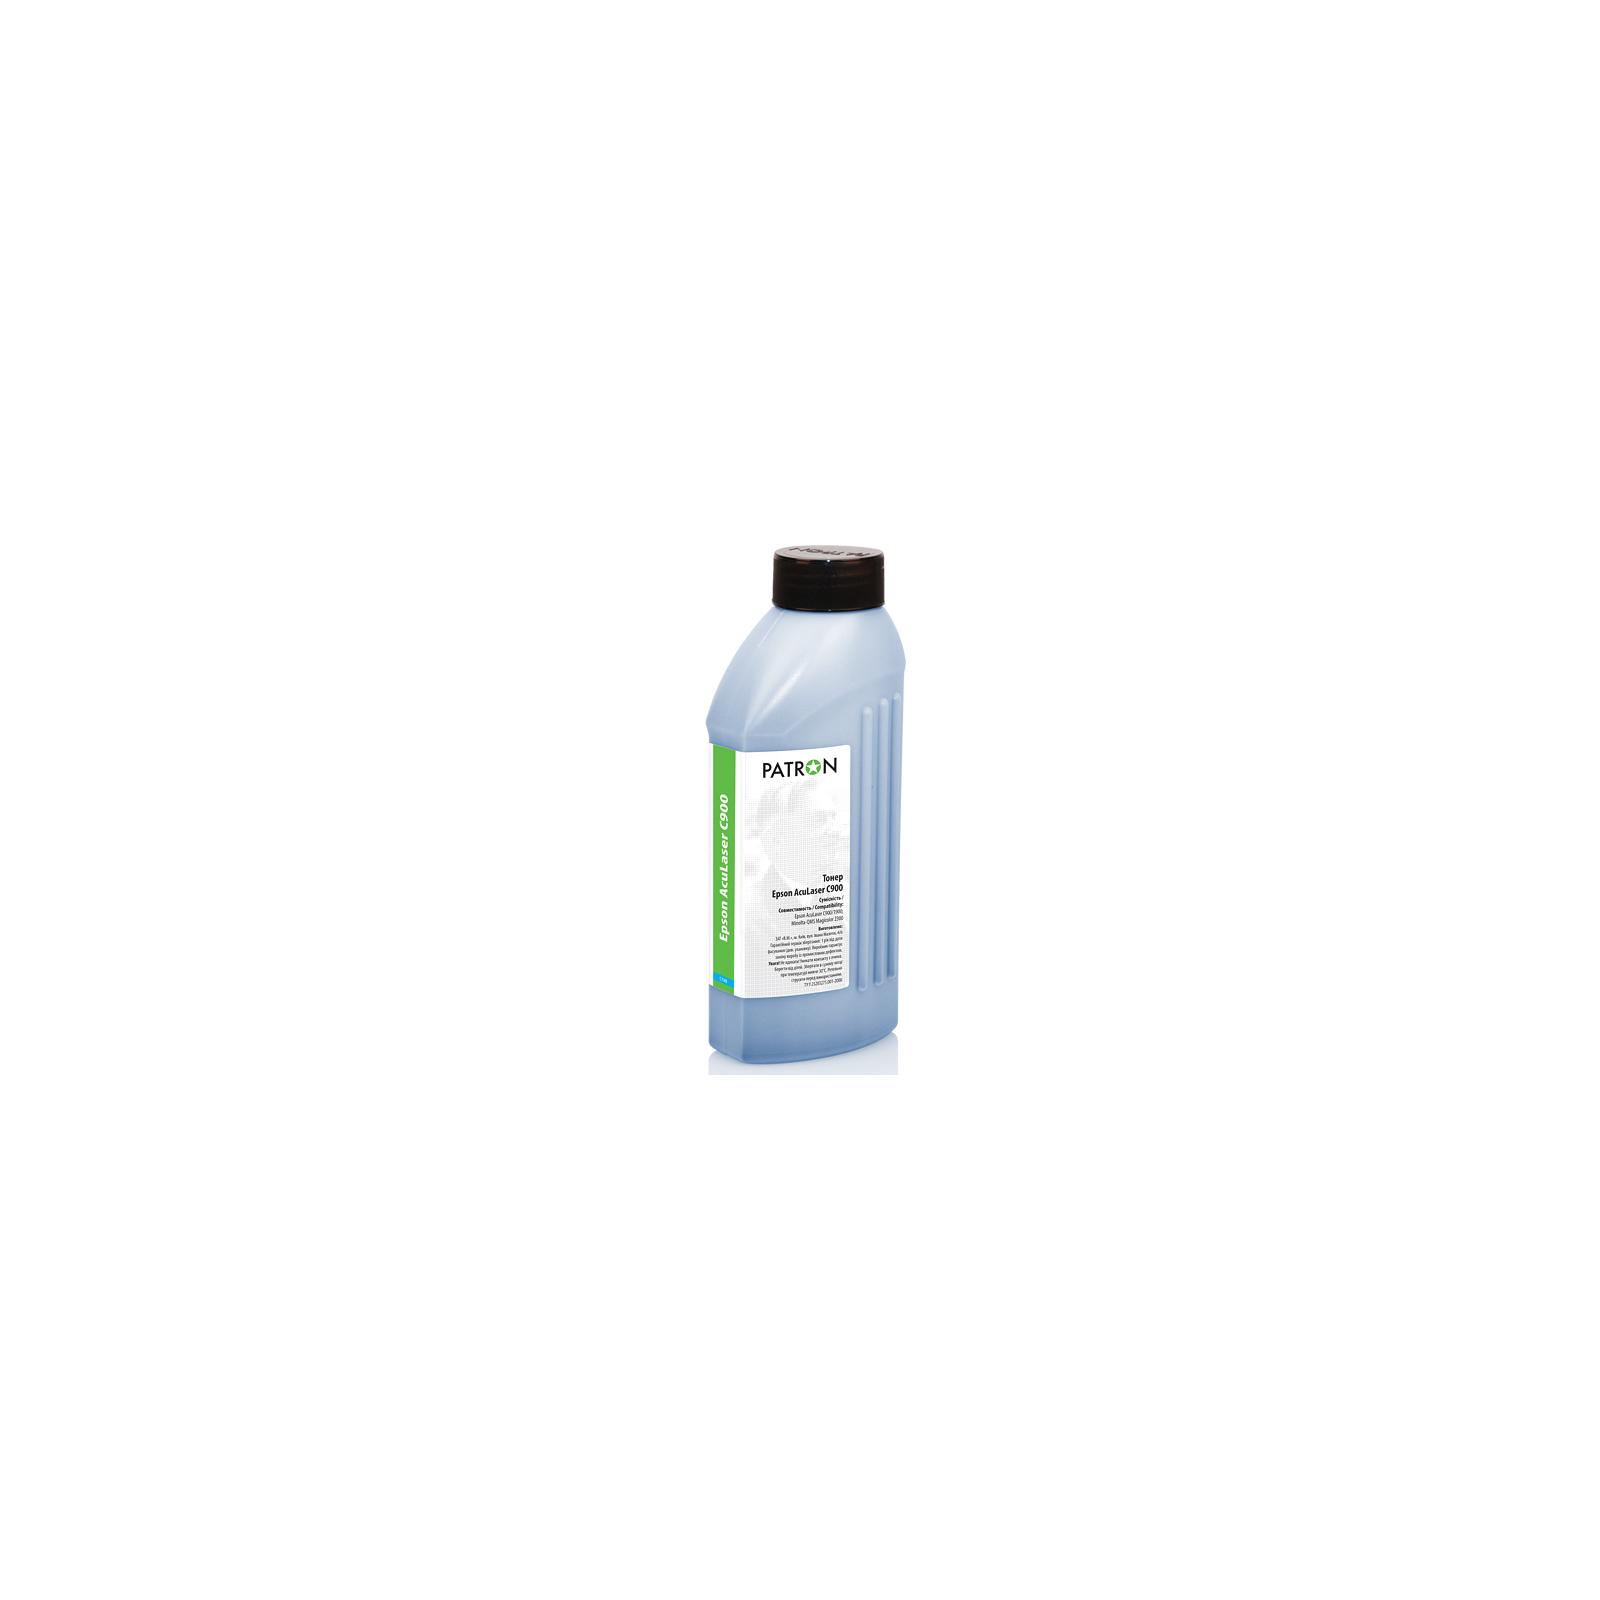 Тонер PATRON EPSON ACULASER C900 CYAN 170г (T-PN-EALC900-C-170)